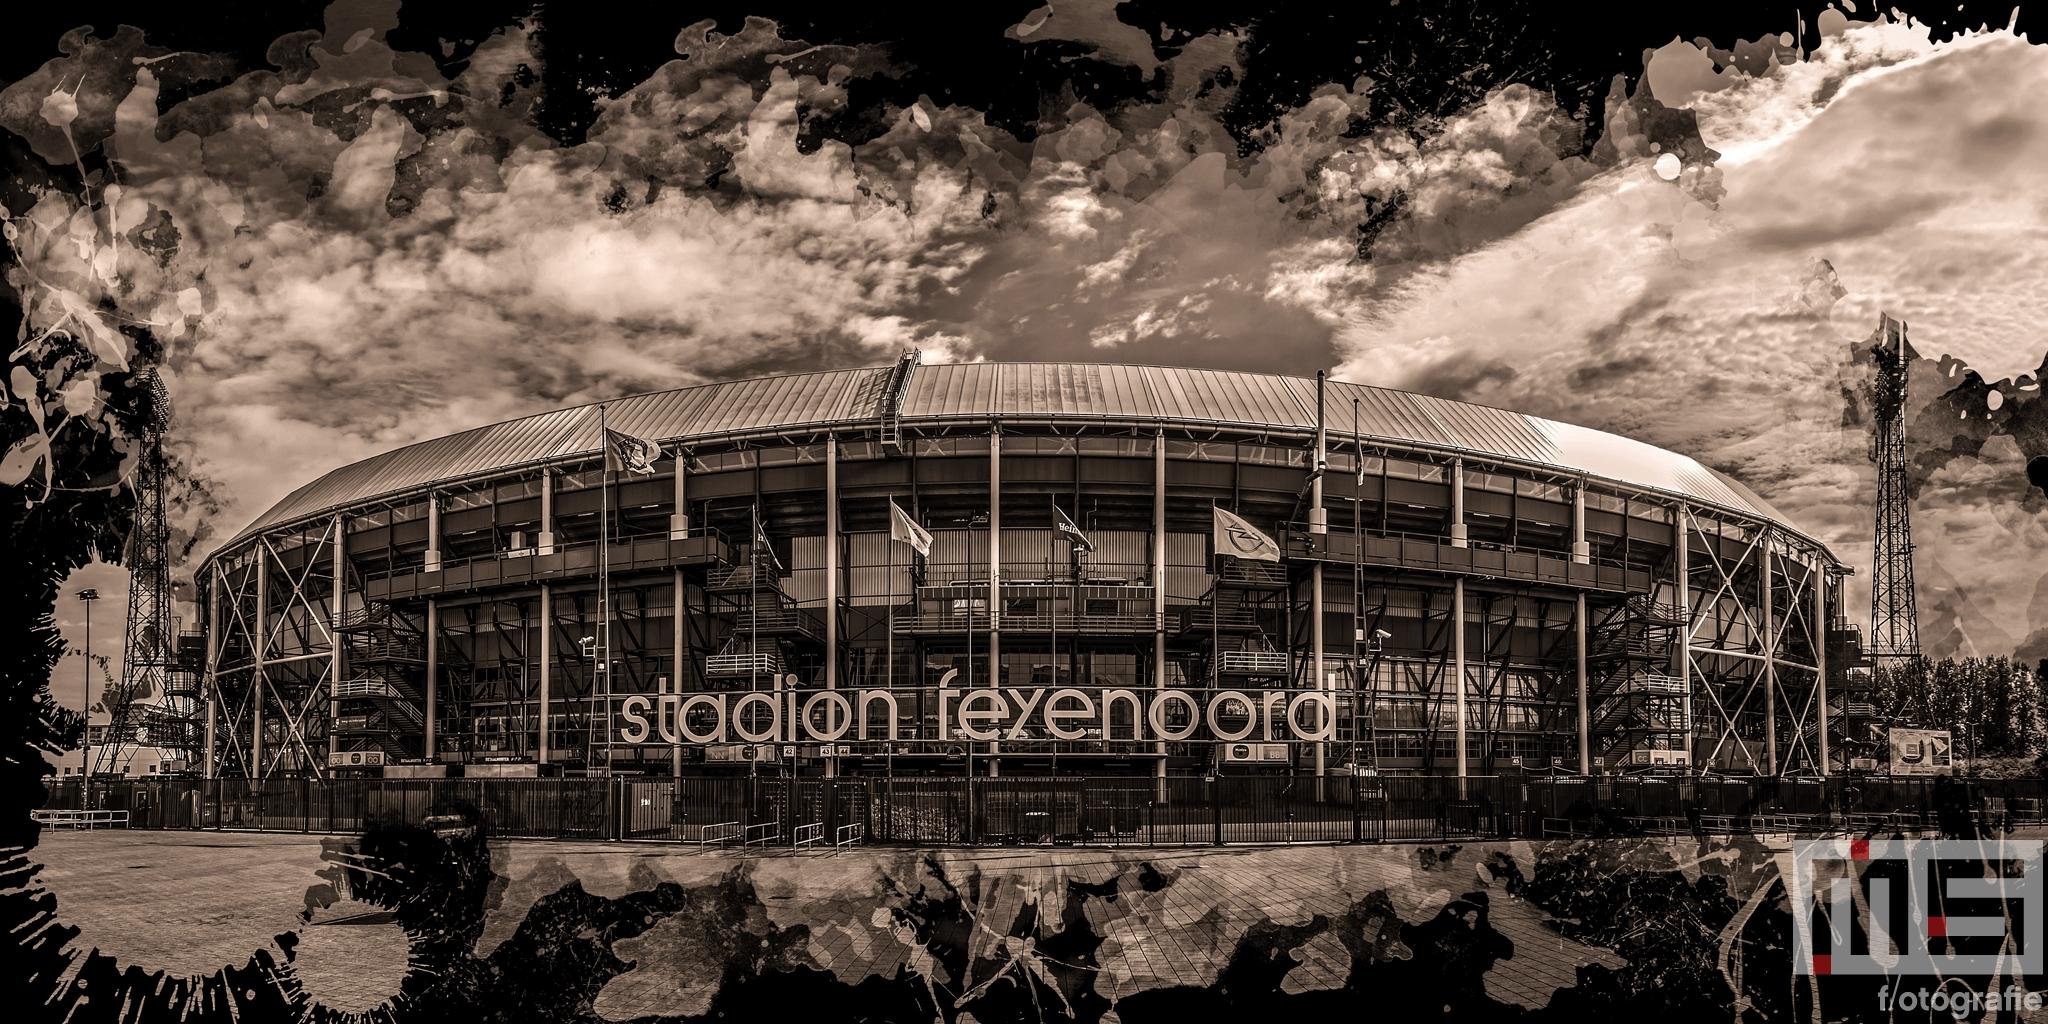 Te Koop   Het Feyenoord Art Stadion De Kuip in Rotterdam in zwart sepia